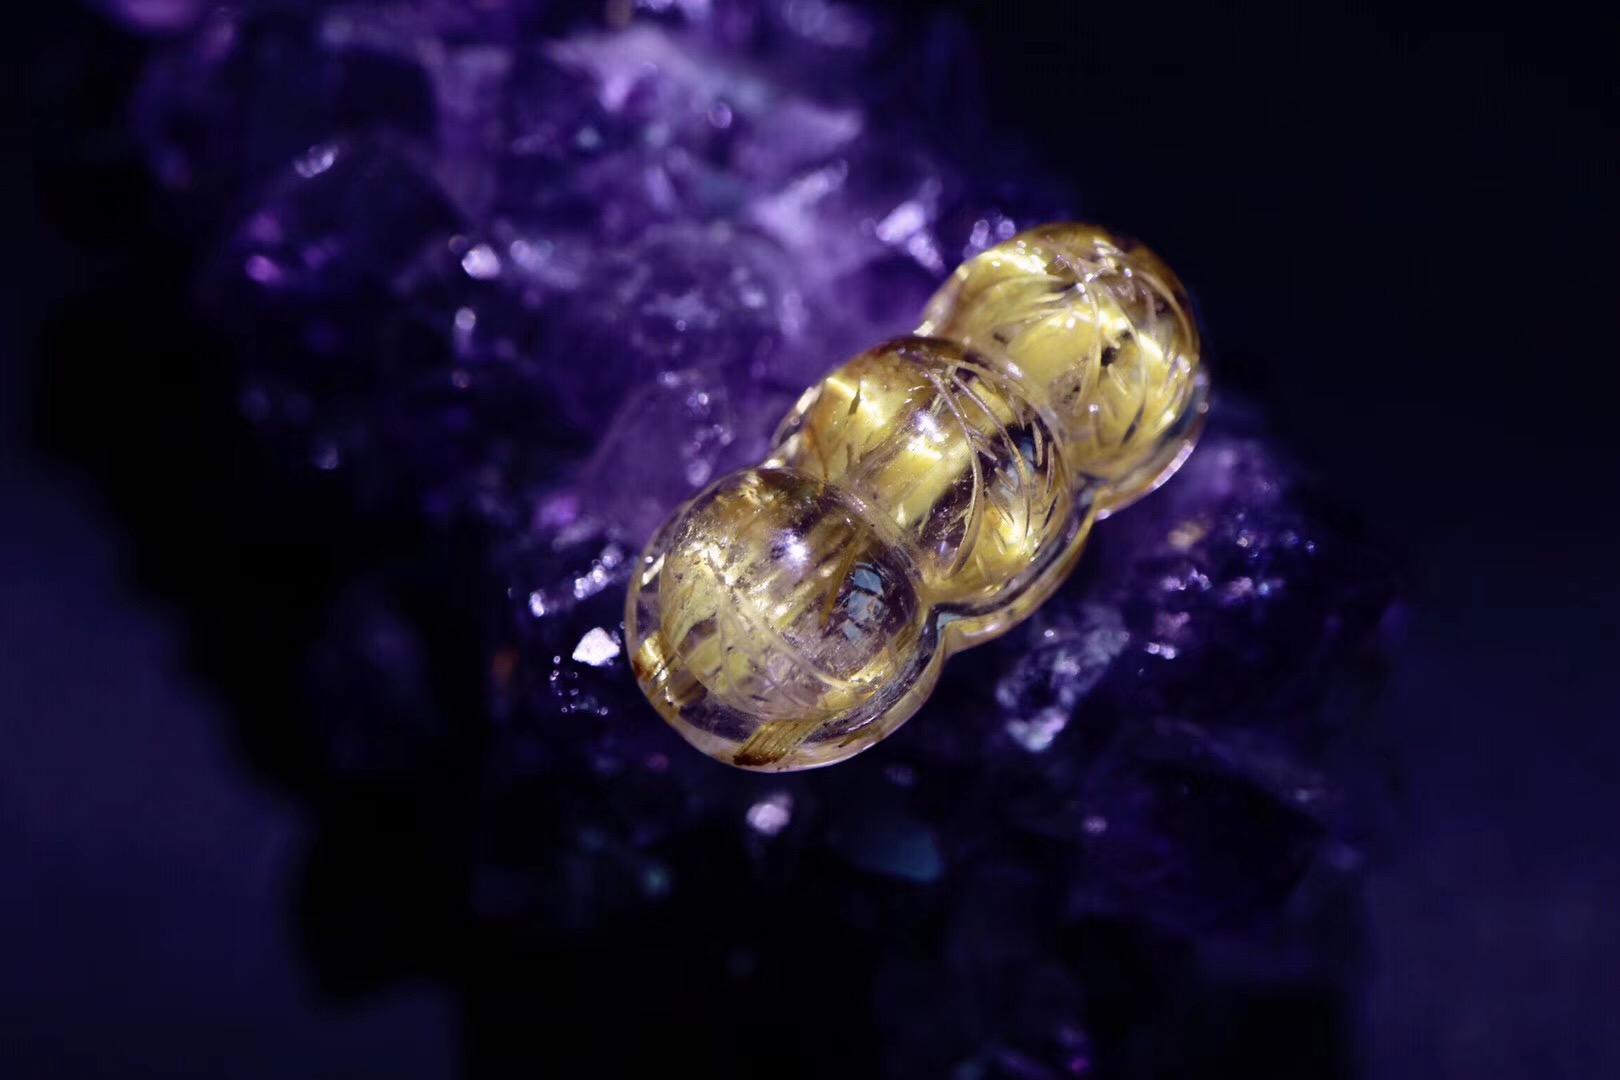 【菩心 | 钛晶】 几只金光闪闪的小福豆,福气满满-菩心晶舍